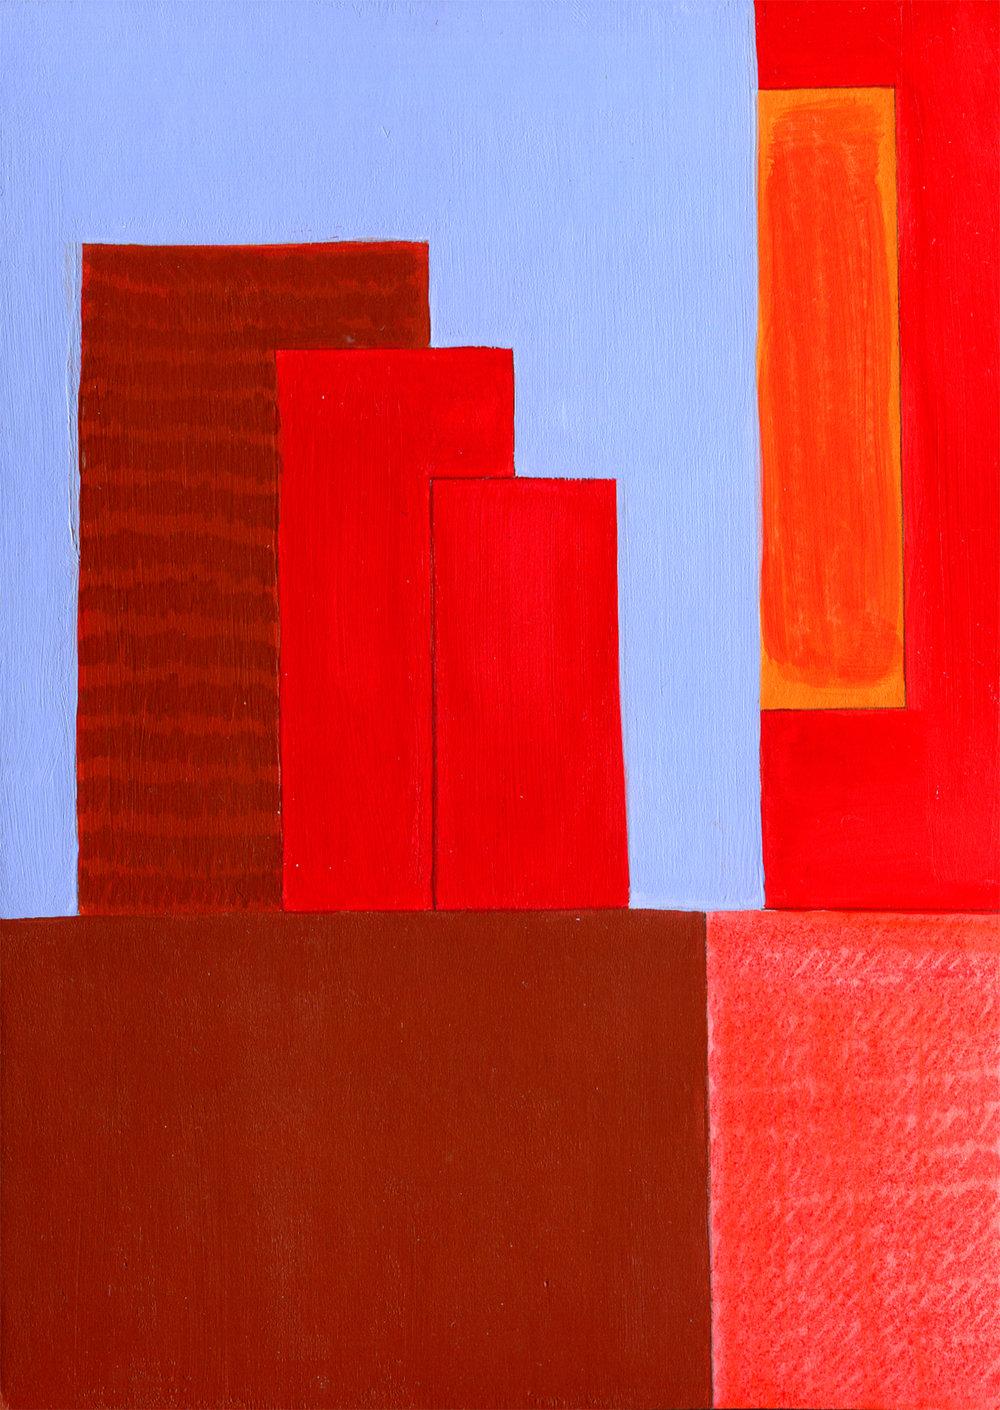 Cathy Tabbakh - Blue Light on Red Buildings.jpg